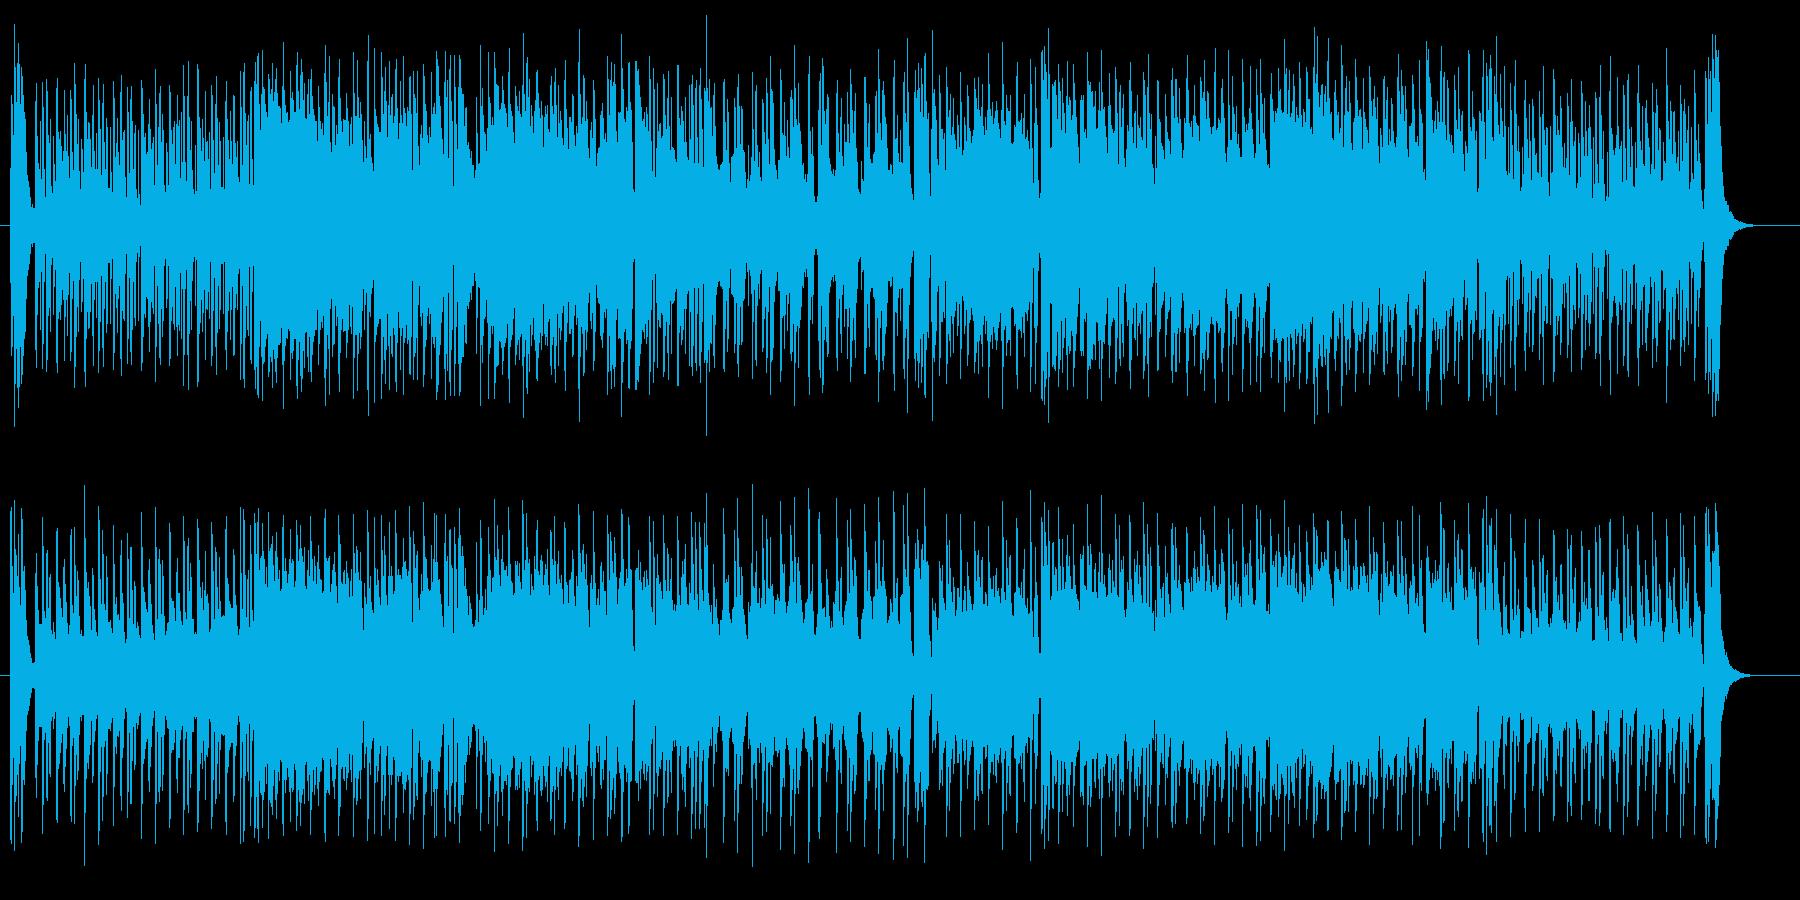 ムーディで華麗なジャズ系サウンドの再生済みの波形